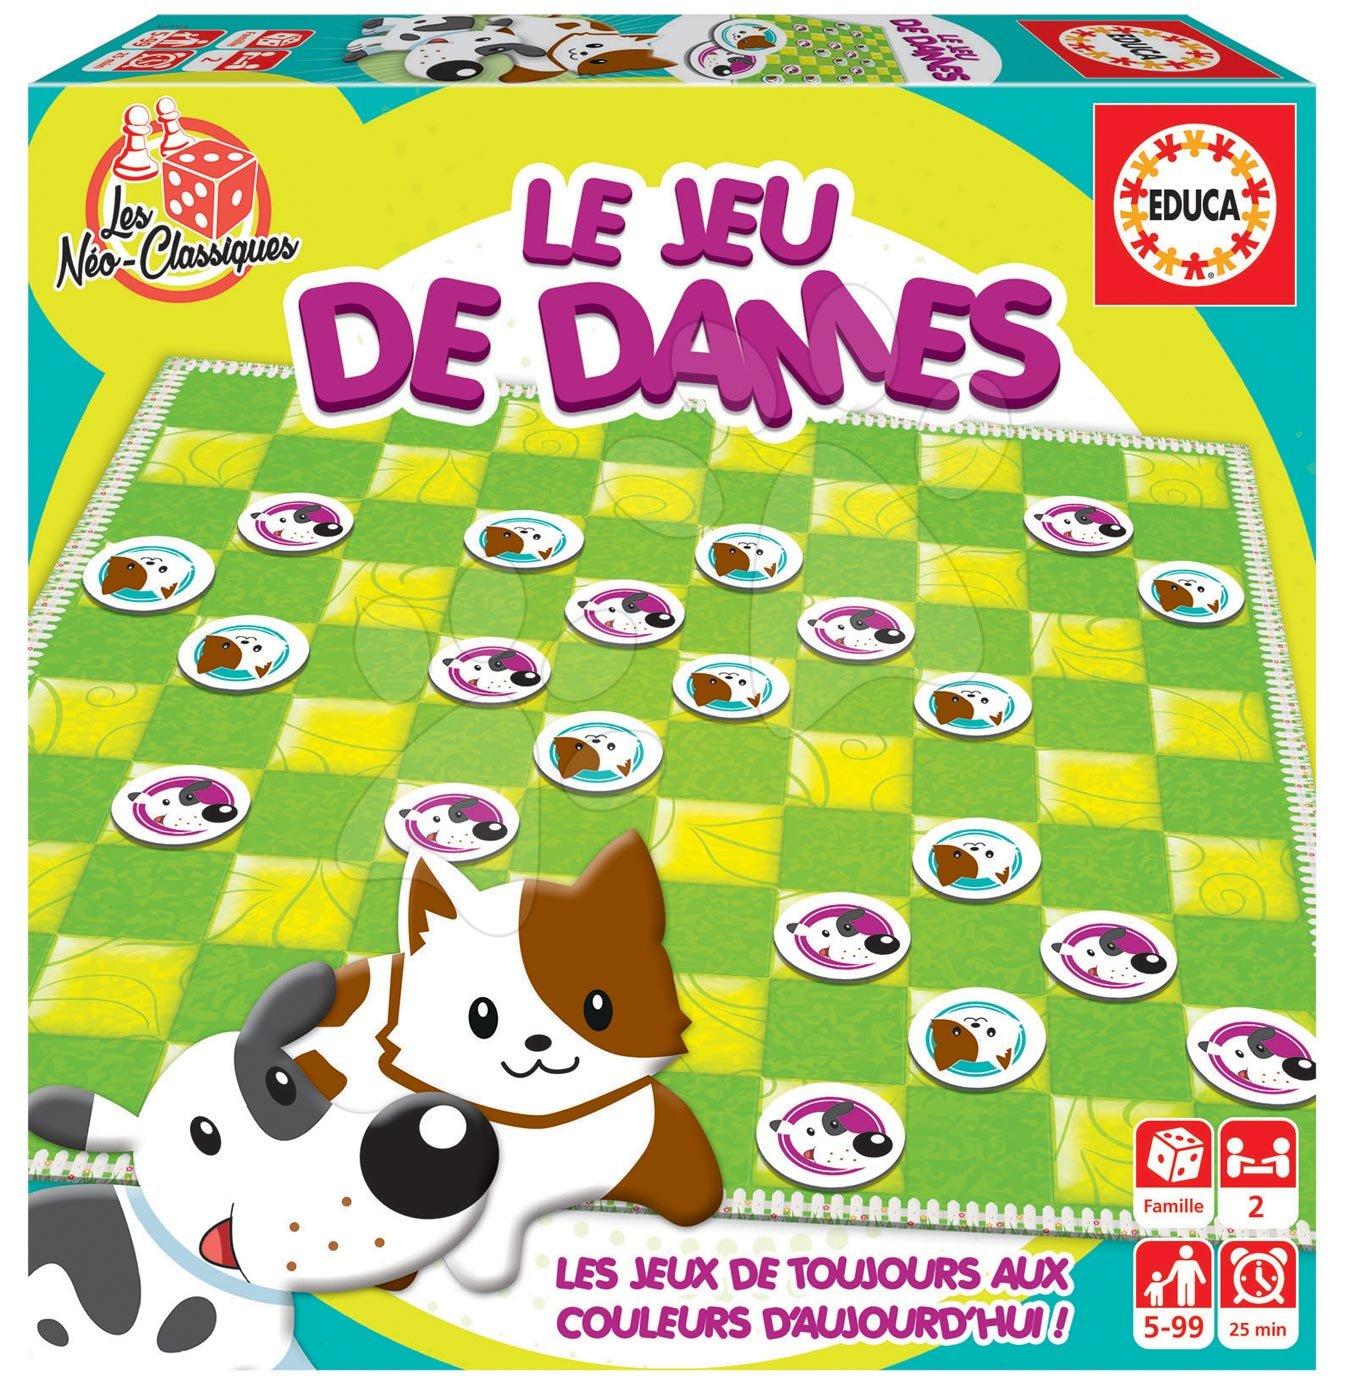 Spoločenská hra Dama Le Jeu de Dames Educa po francúzsky pre 2 hráčov od 5-99 rokov